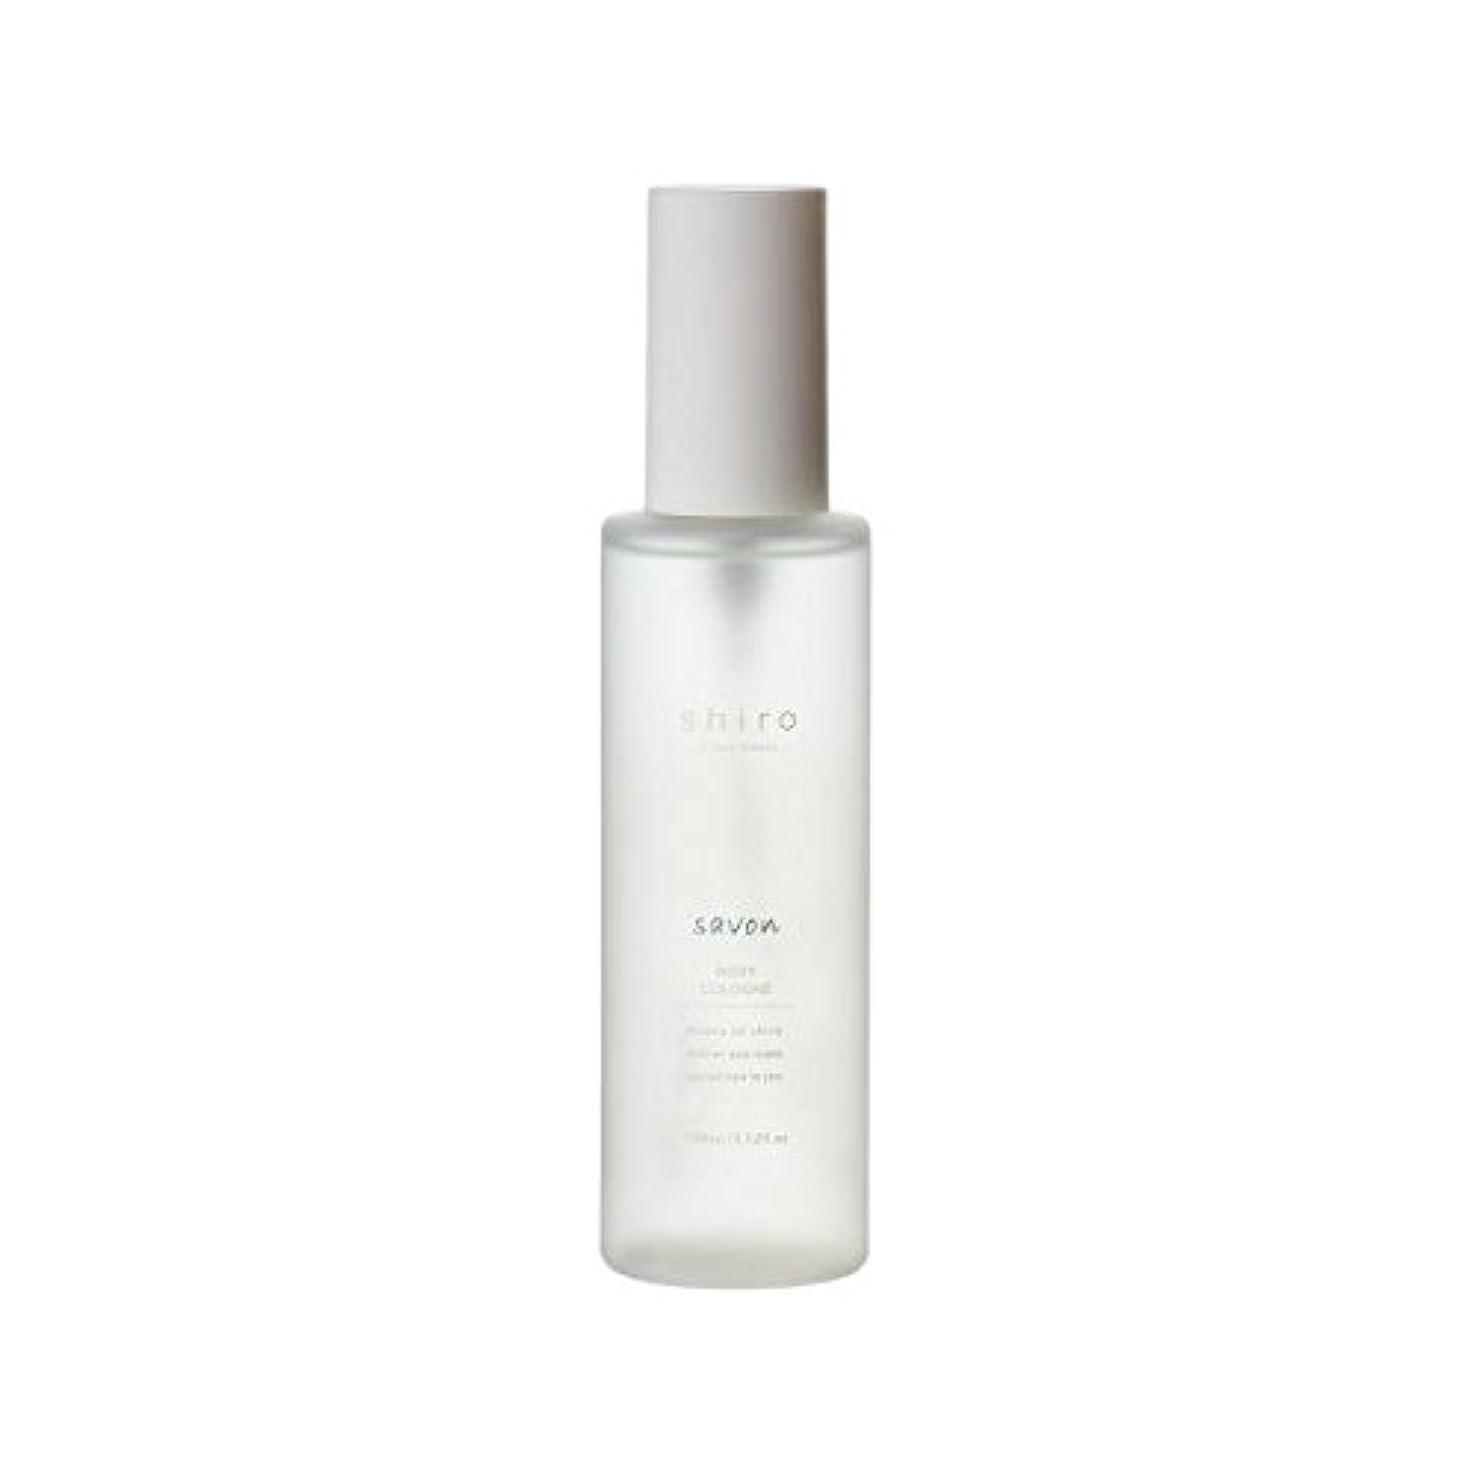 ミキサー叫び声性能shiro サボン ボディコロン 100ml 清潔で透明感のある自然な石けんの香り ミスト シロ